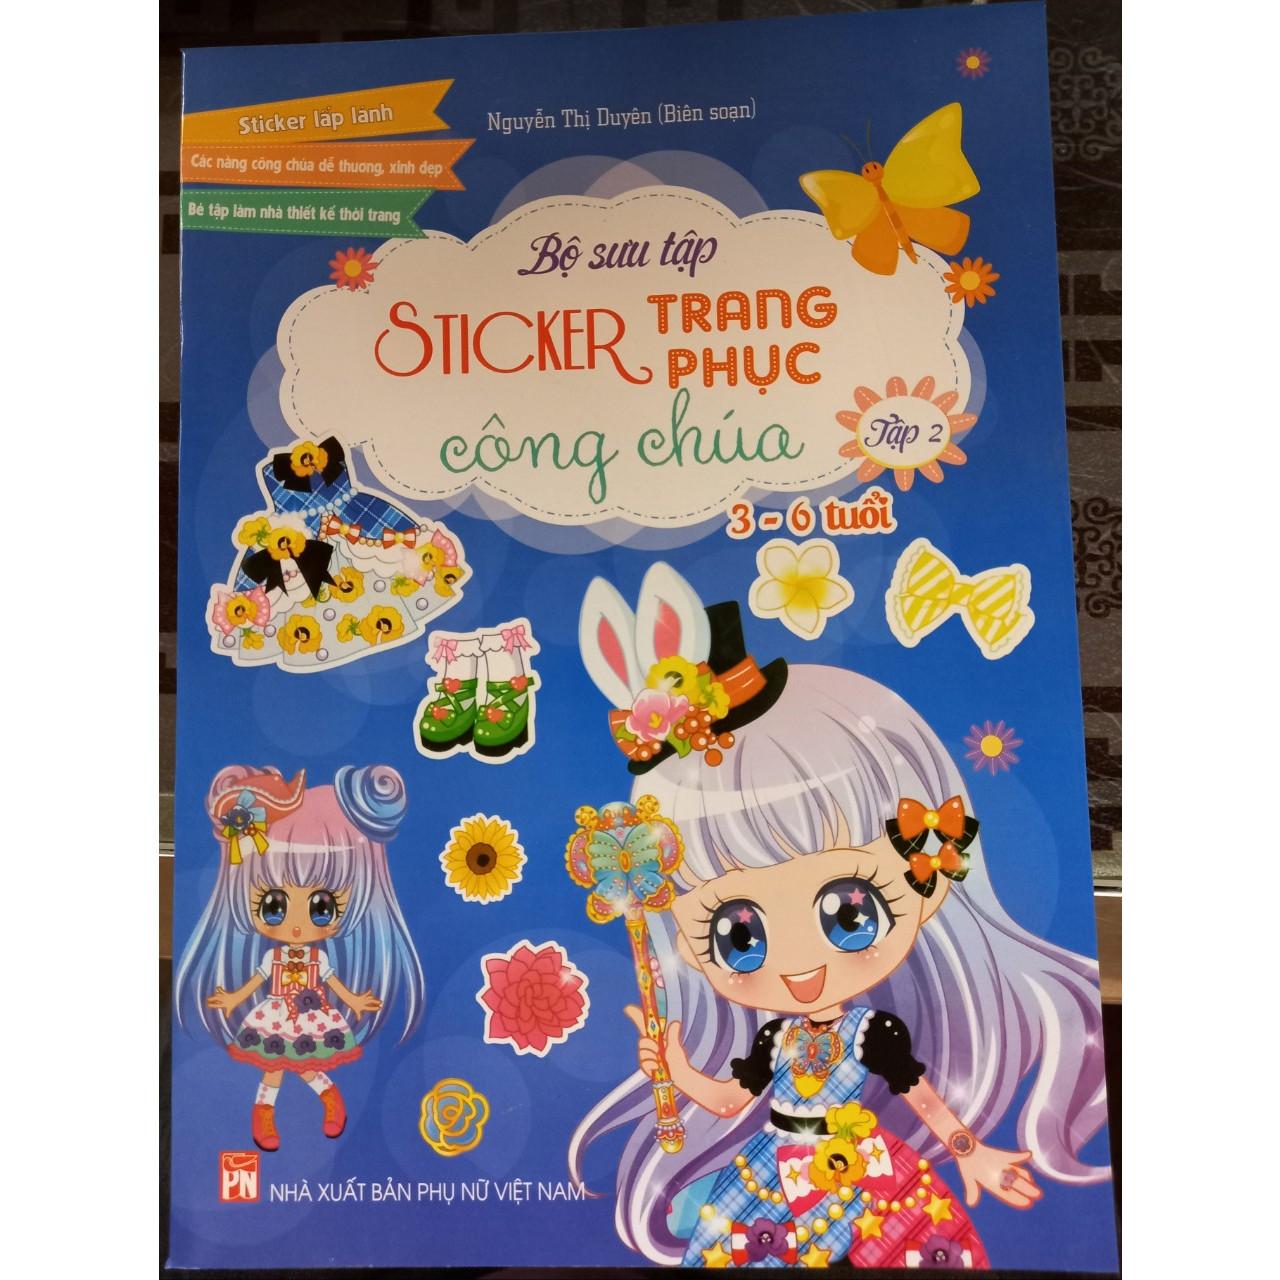 Bộ sưu tập sticker trang phục công chúa - tập 2